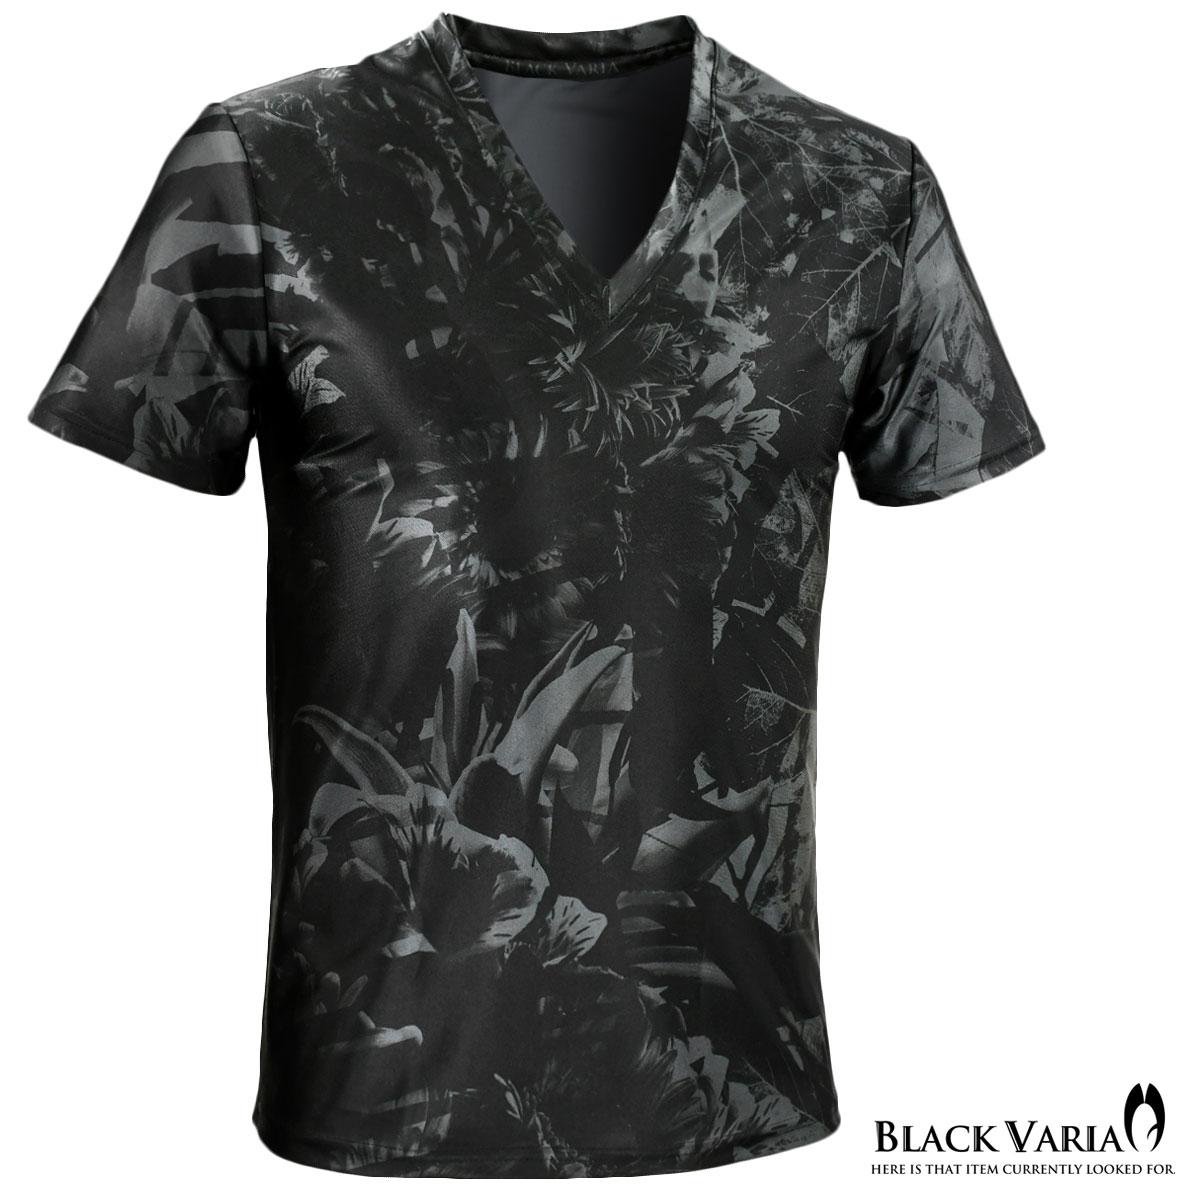 Tシャツ Vネック 花柄 ボタニカル柄 吸水速乾 メンズ ストレッチ 日本製 半袖 スポーツ 機能性素材 速乾 mens(ブラック黒グレー灰) bv08